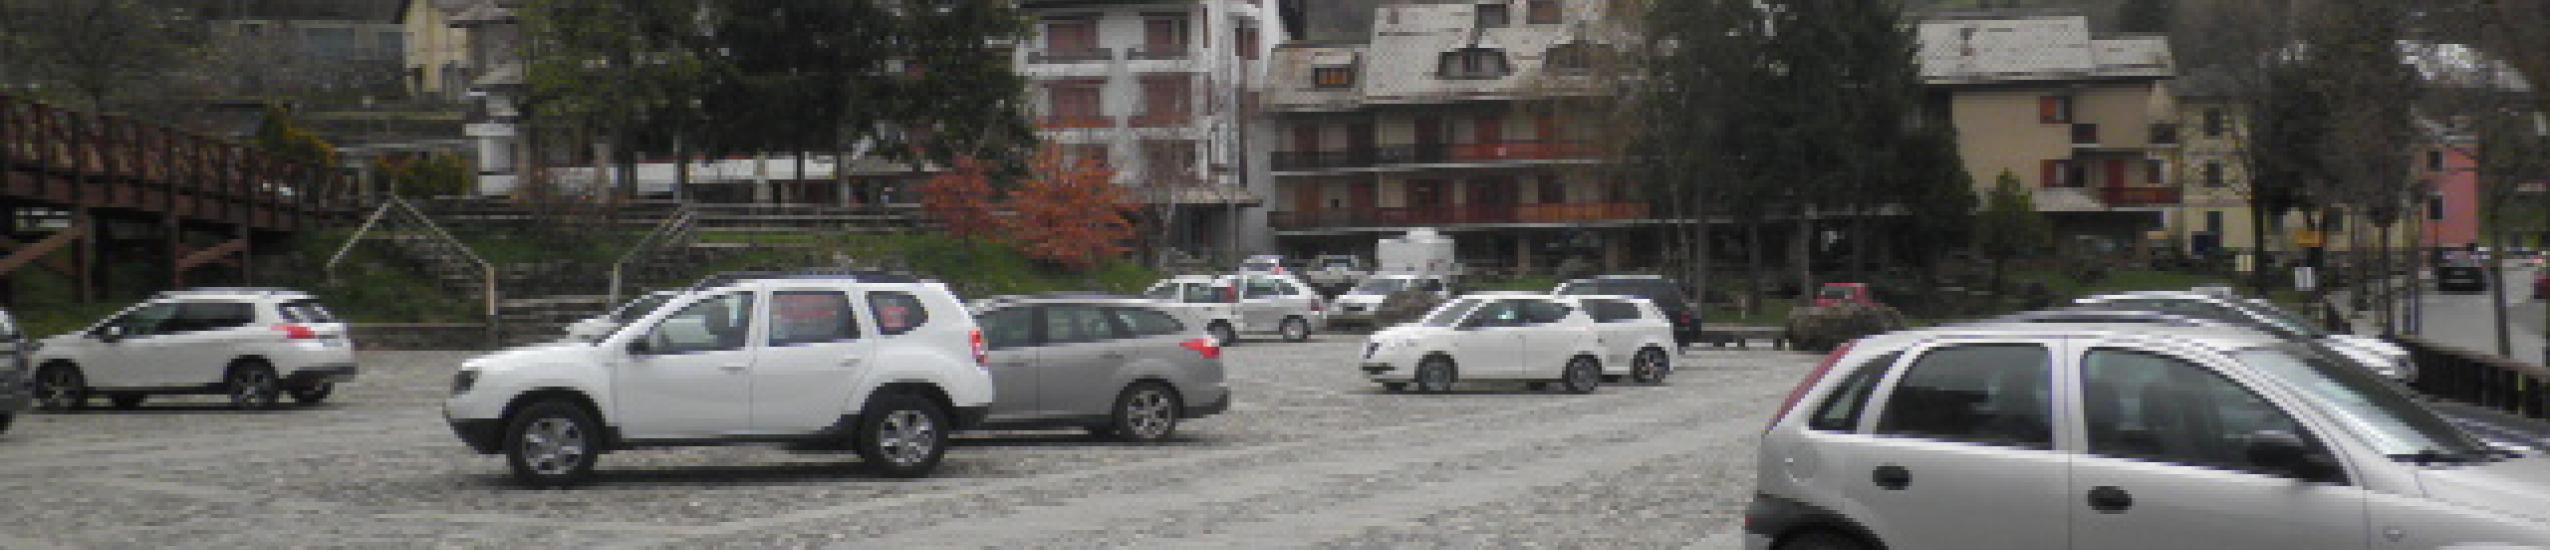 Parcheggio piazza del Popolo